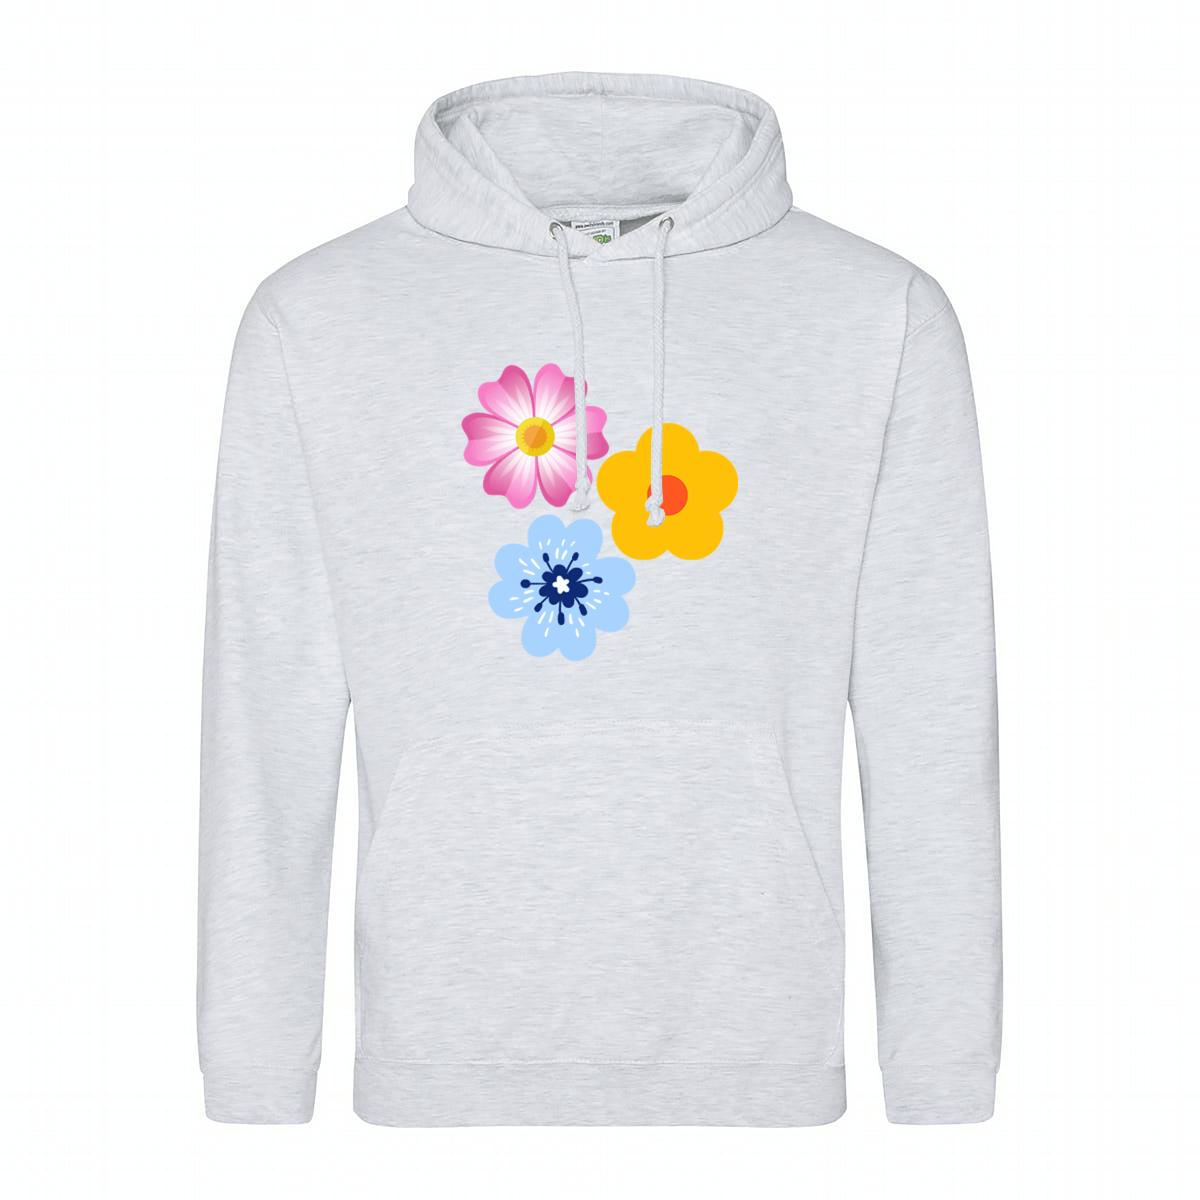 Custom Printed Hoodie - Flowers